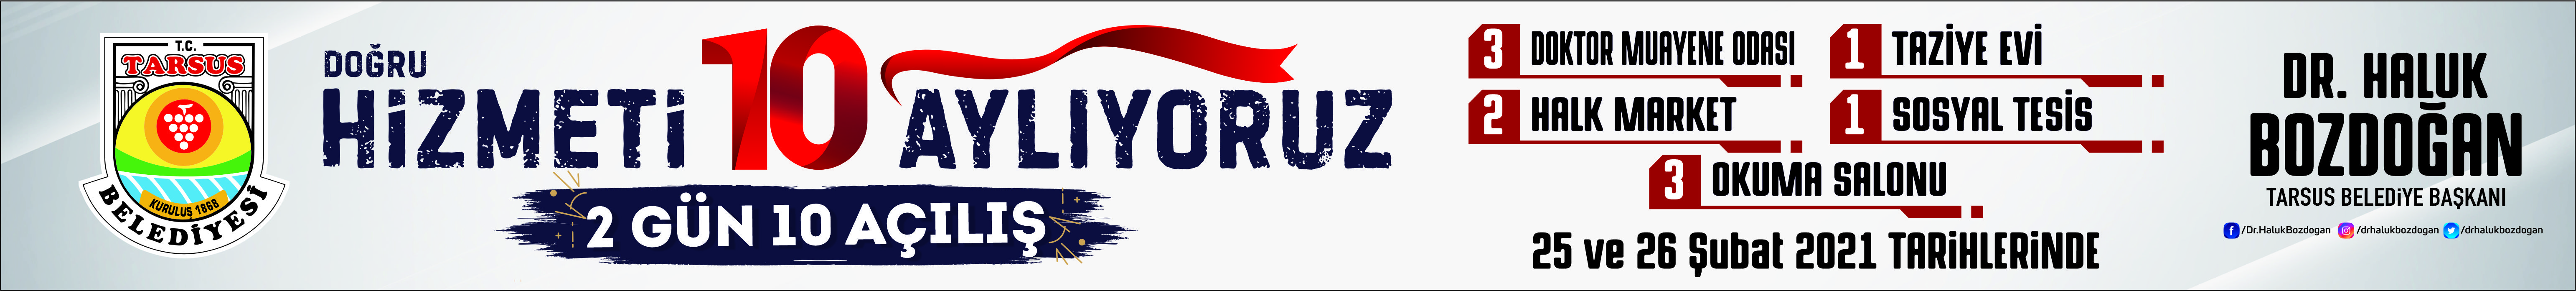 Belediye Tarsus banner